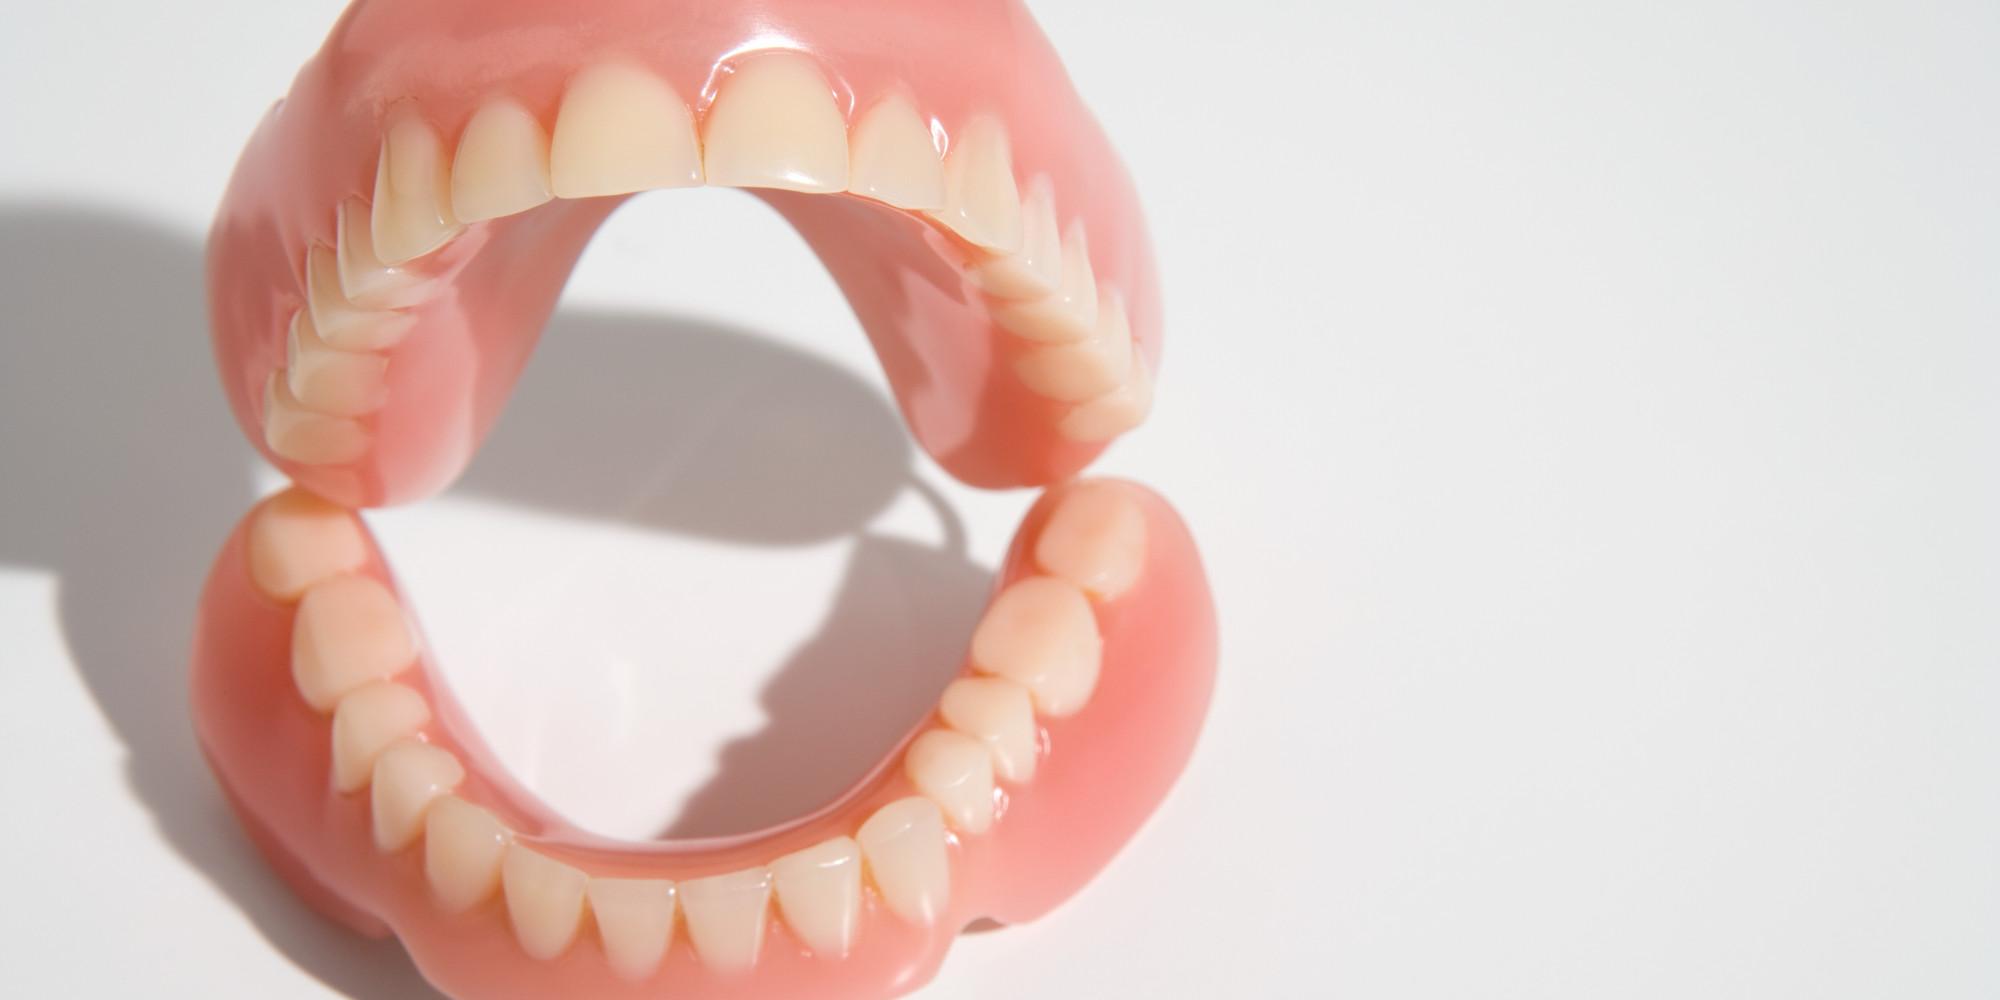 Зубные протезы в подарок